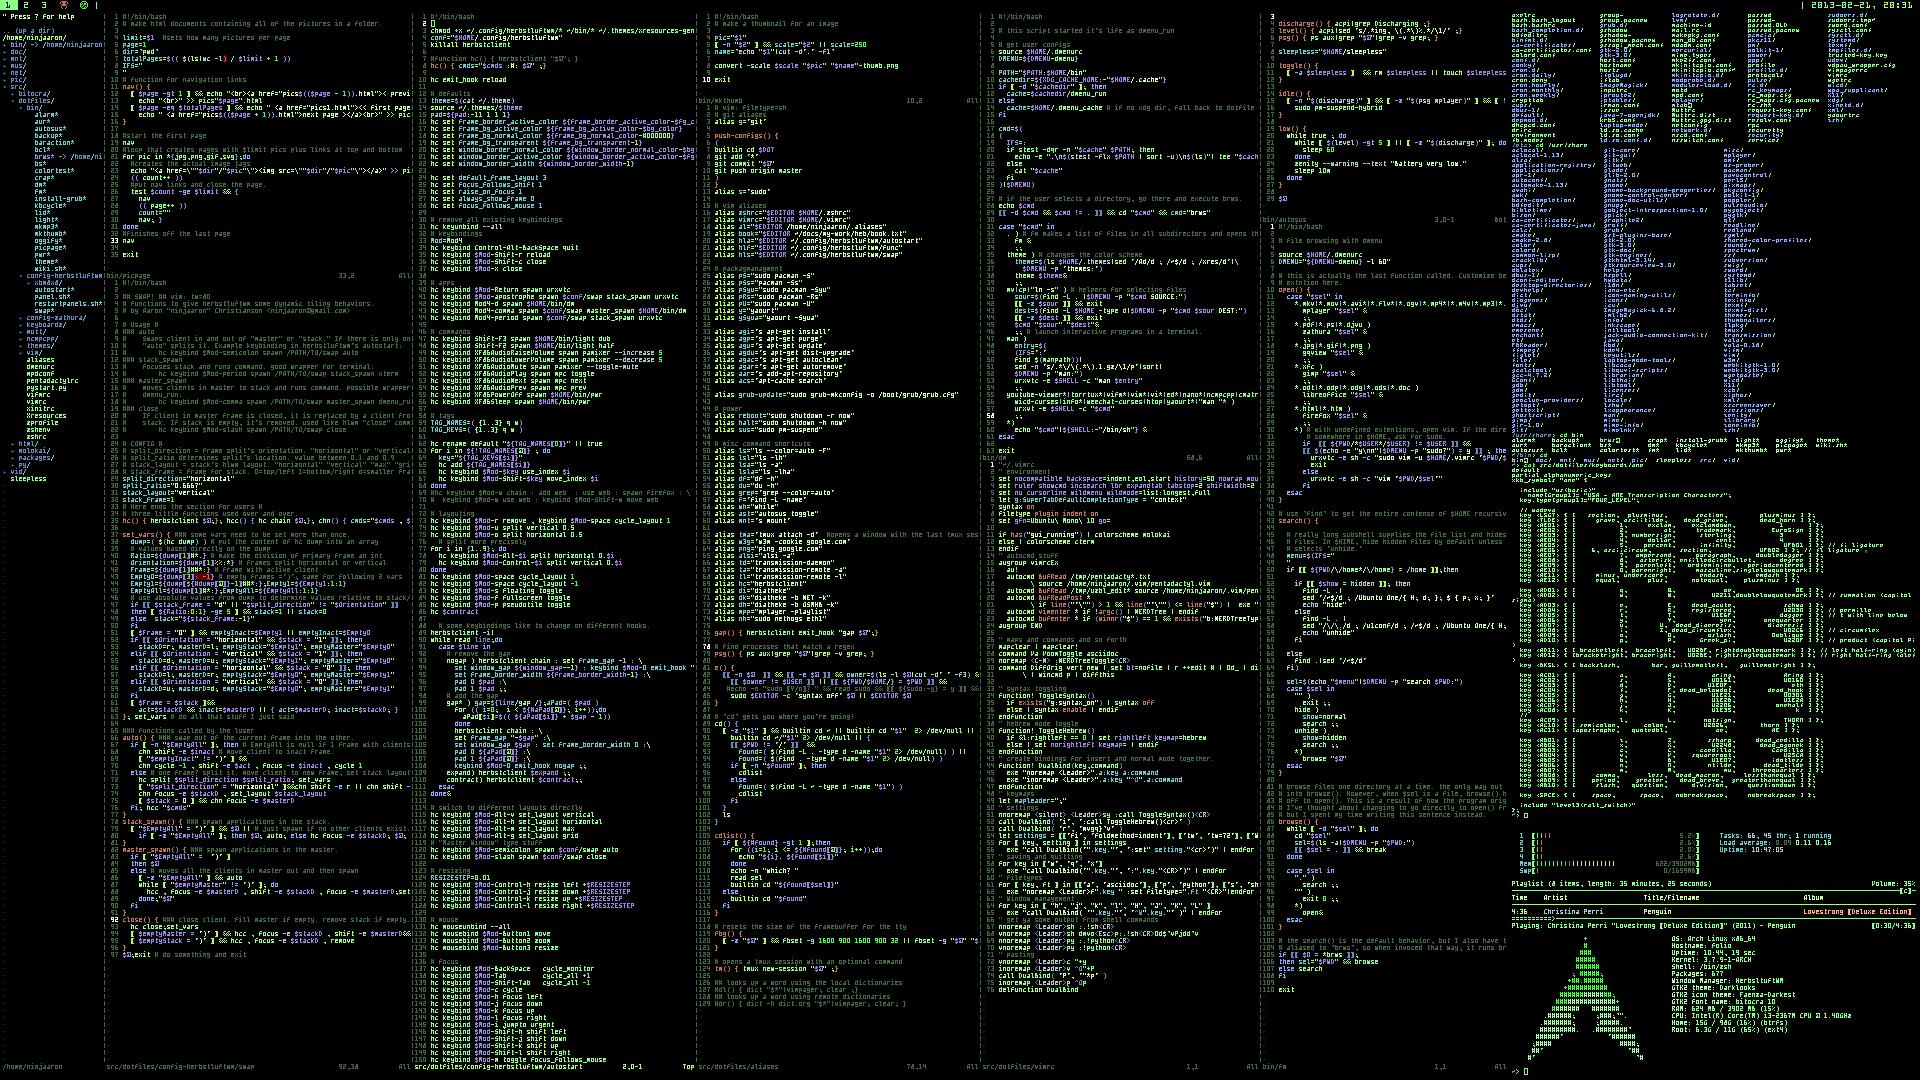 Code Computer Wallpapers Desktop Backgrounds 1920x1080 ID475527 1920x1080